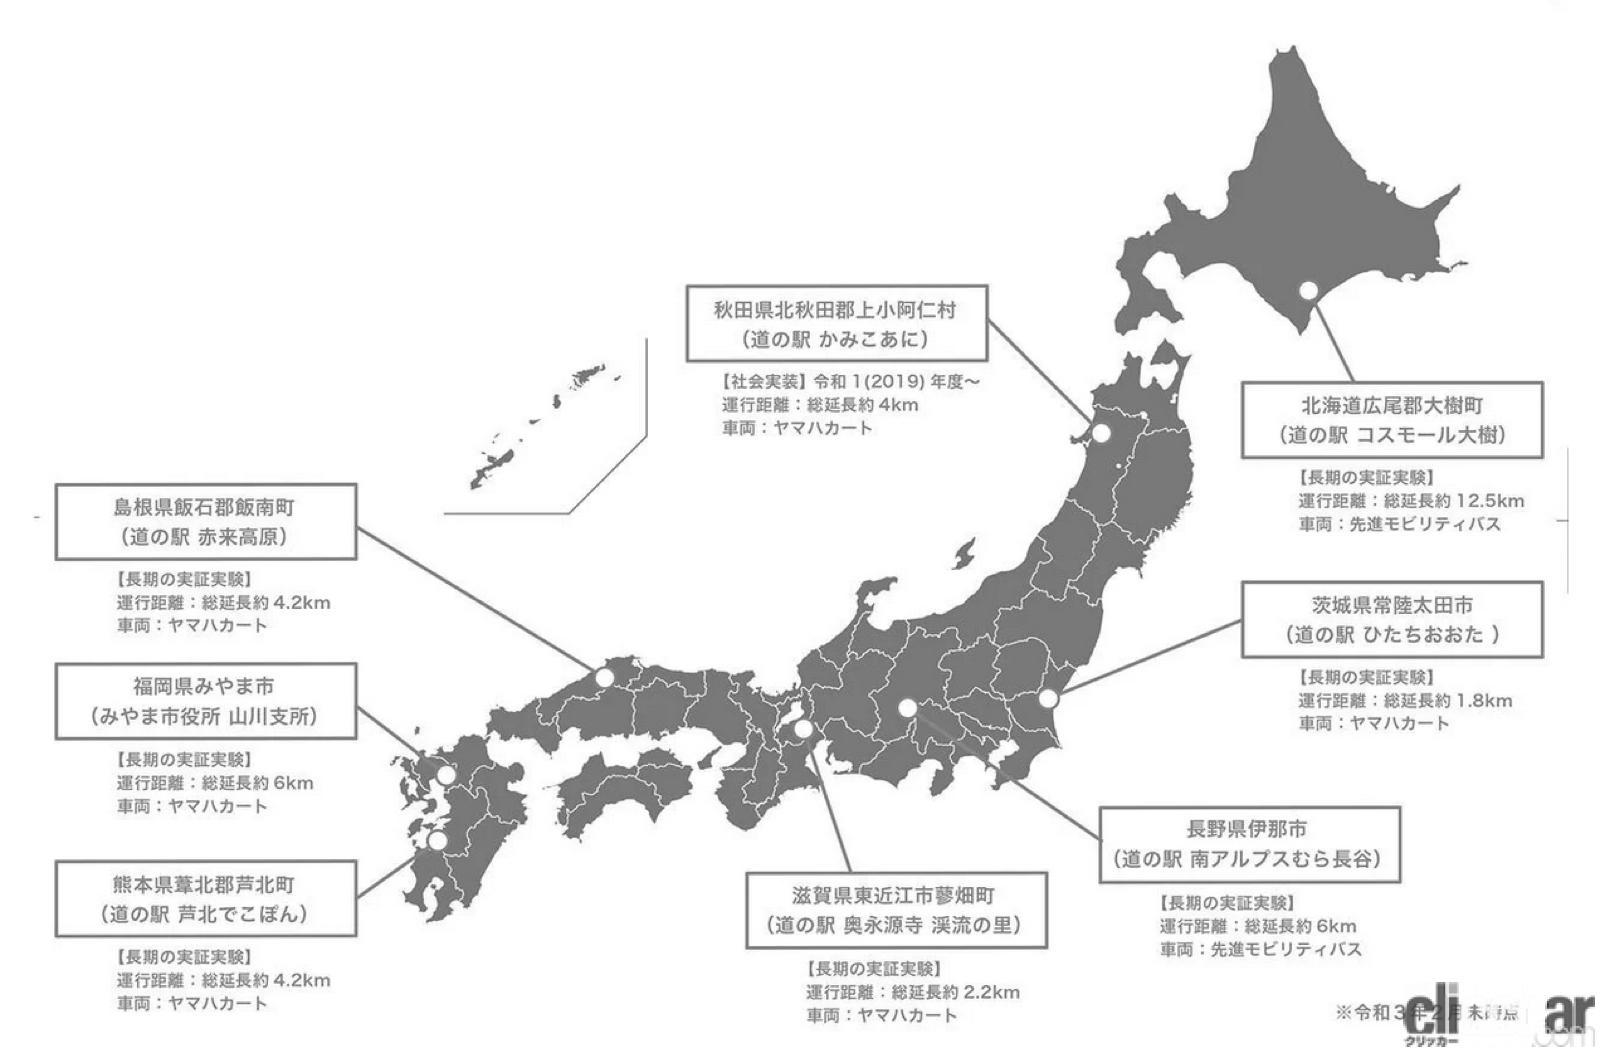 「清水和夫が解説!日本が進める「自動運転の今」はどんな技術で、どう使うのか?【SIP第2期 自動運転 中間成果発表会】」の19枚目の画像